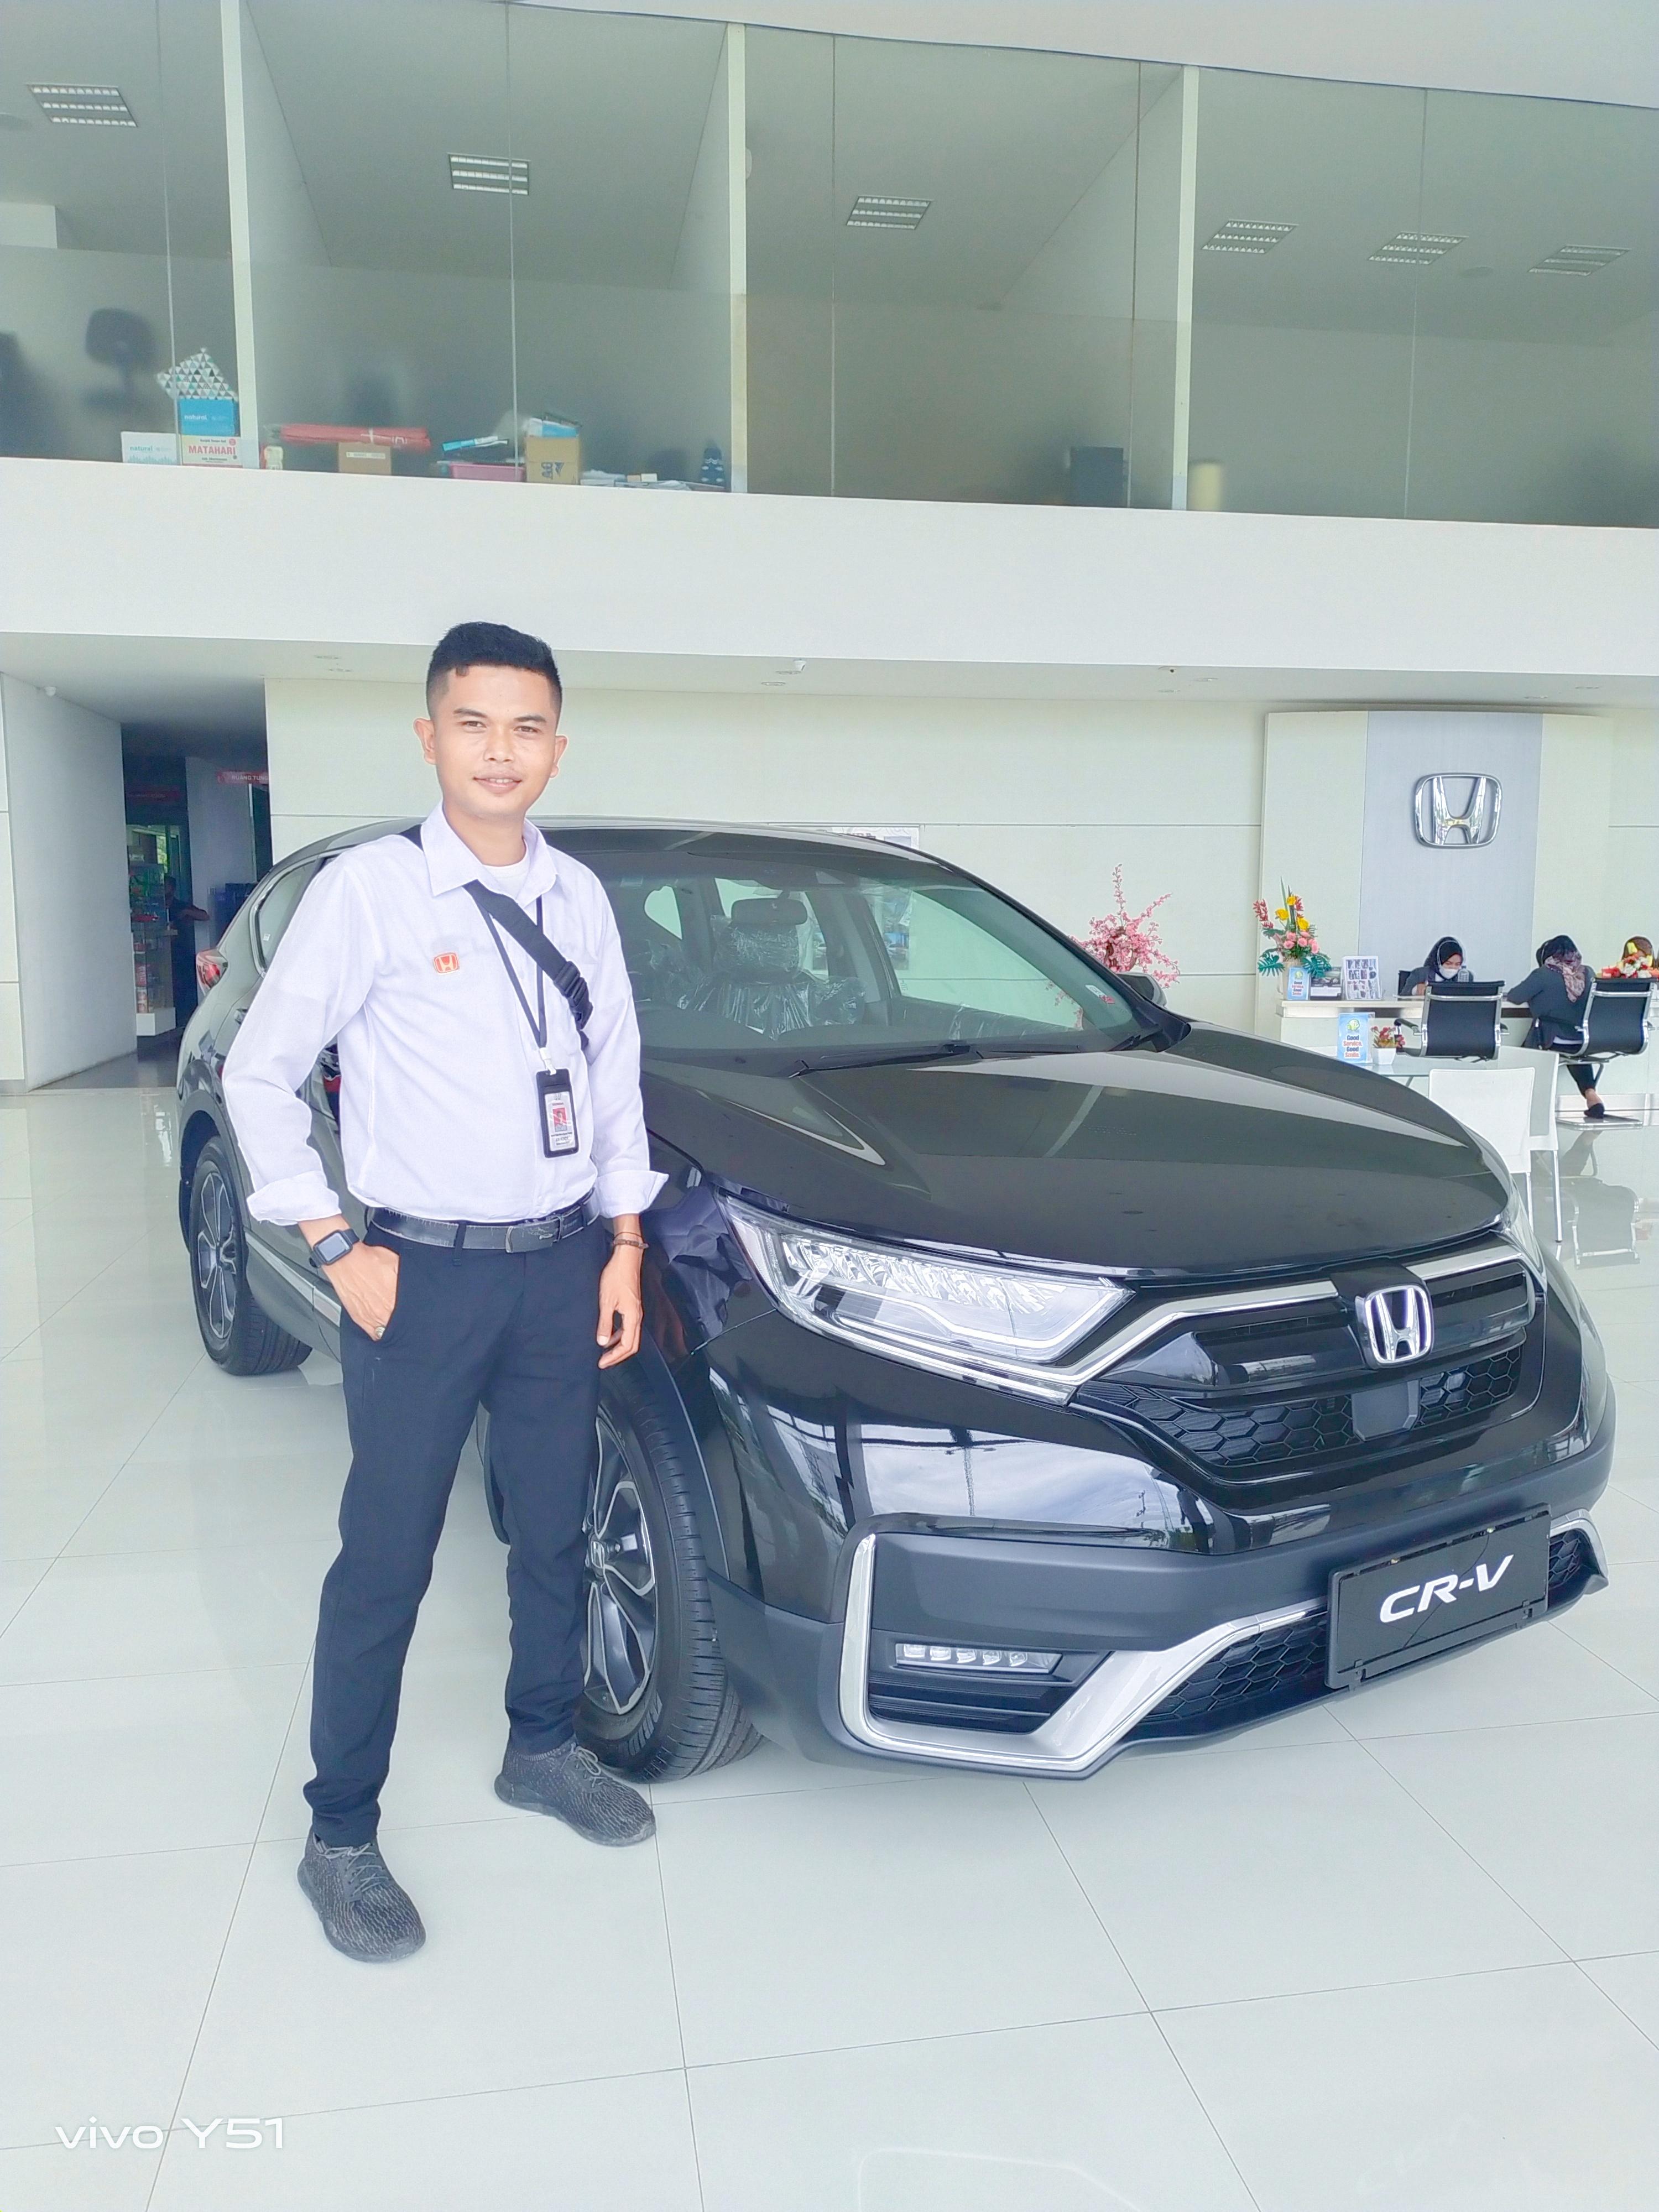 Sales Mobil  Honda Padang